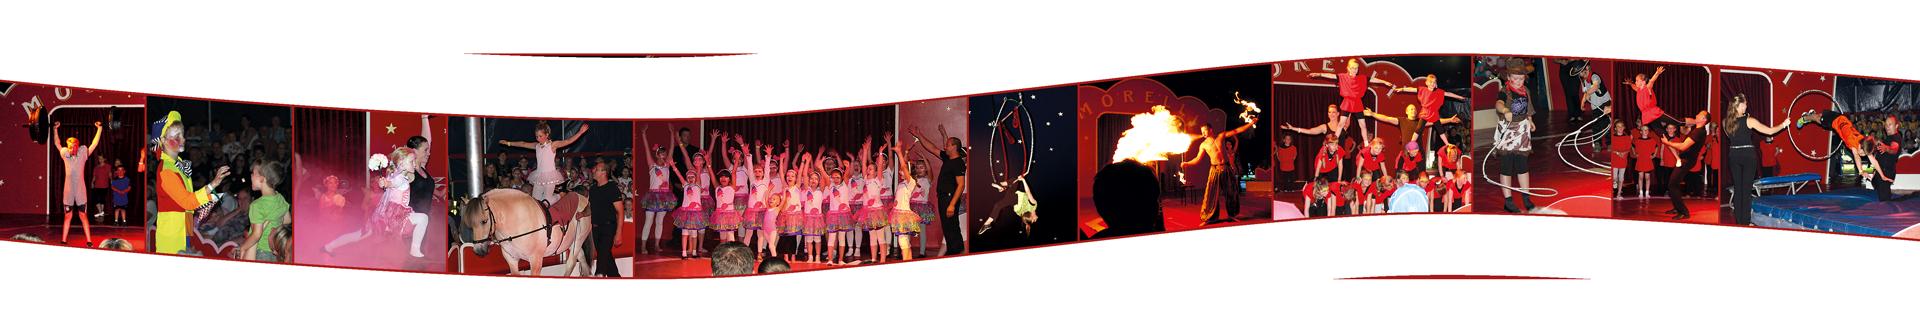 Kinderzirkus Morelli - der Mitmach-Zirkus